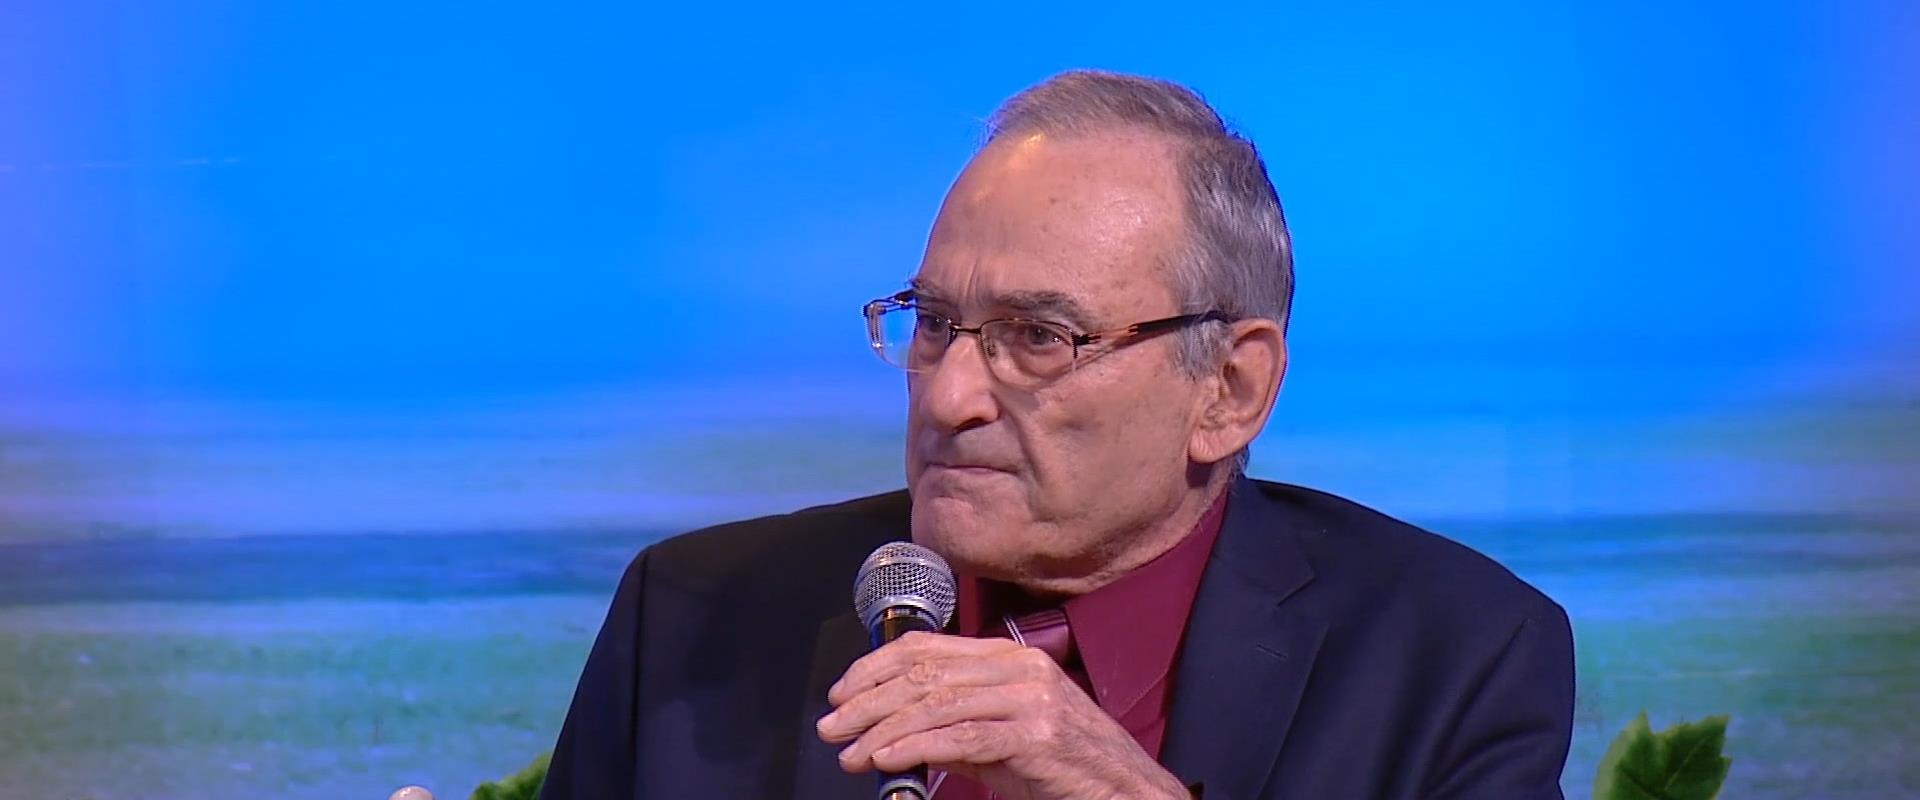 פסטיבל מספרי סיפורים   סיפורי נשיאי מדינת ישראל לד